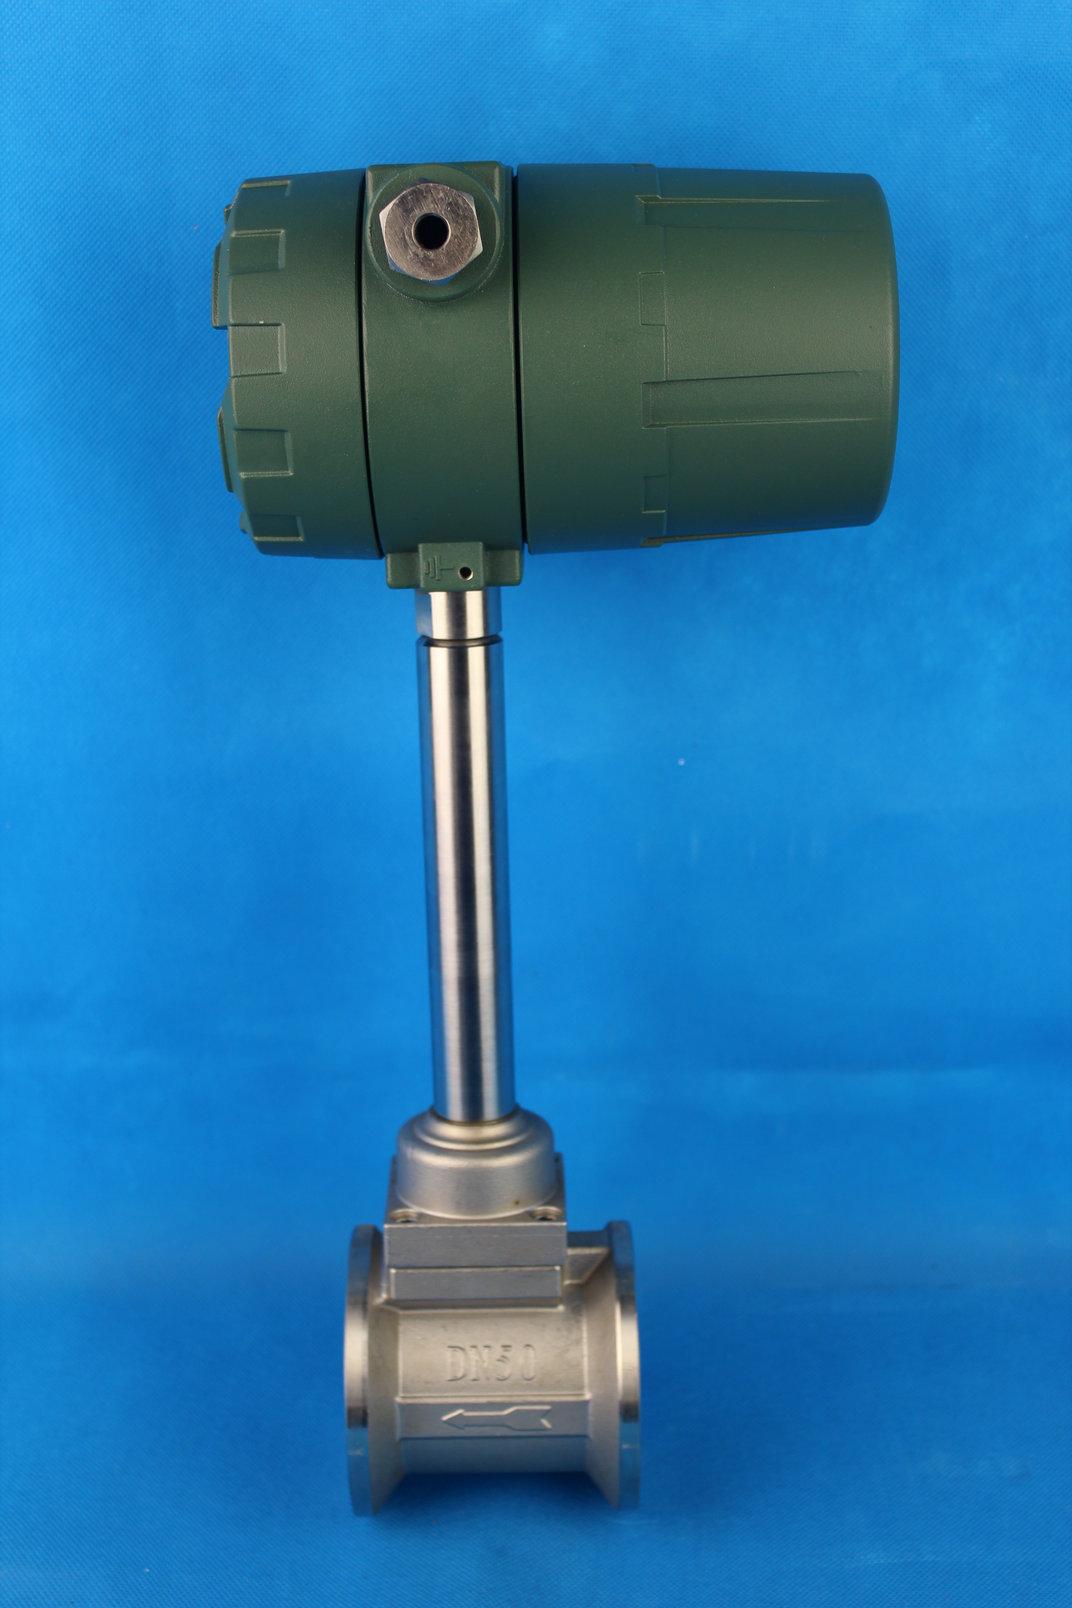 供應威海華銳儀表劃算的熱式氣體質量流量計-四川熱式氣體質量流量計